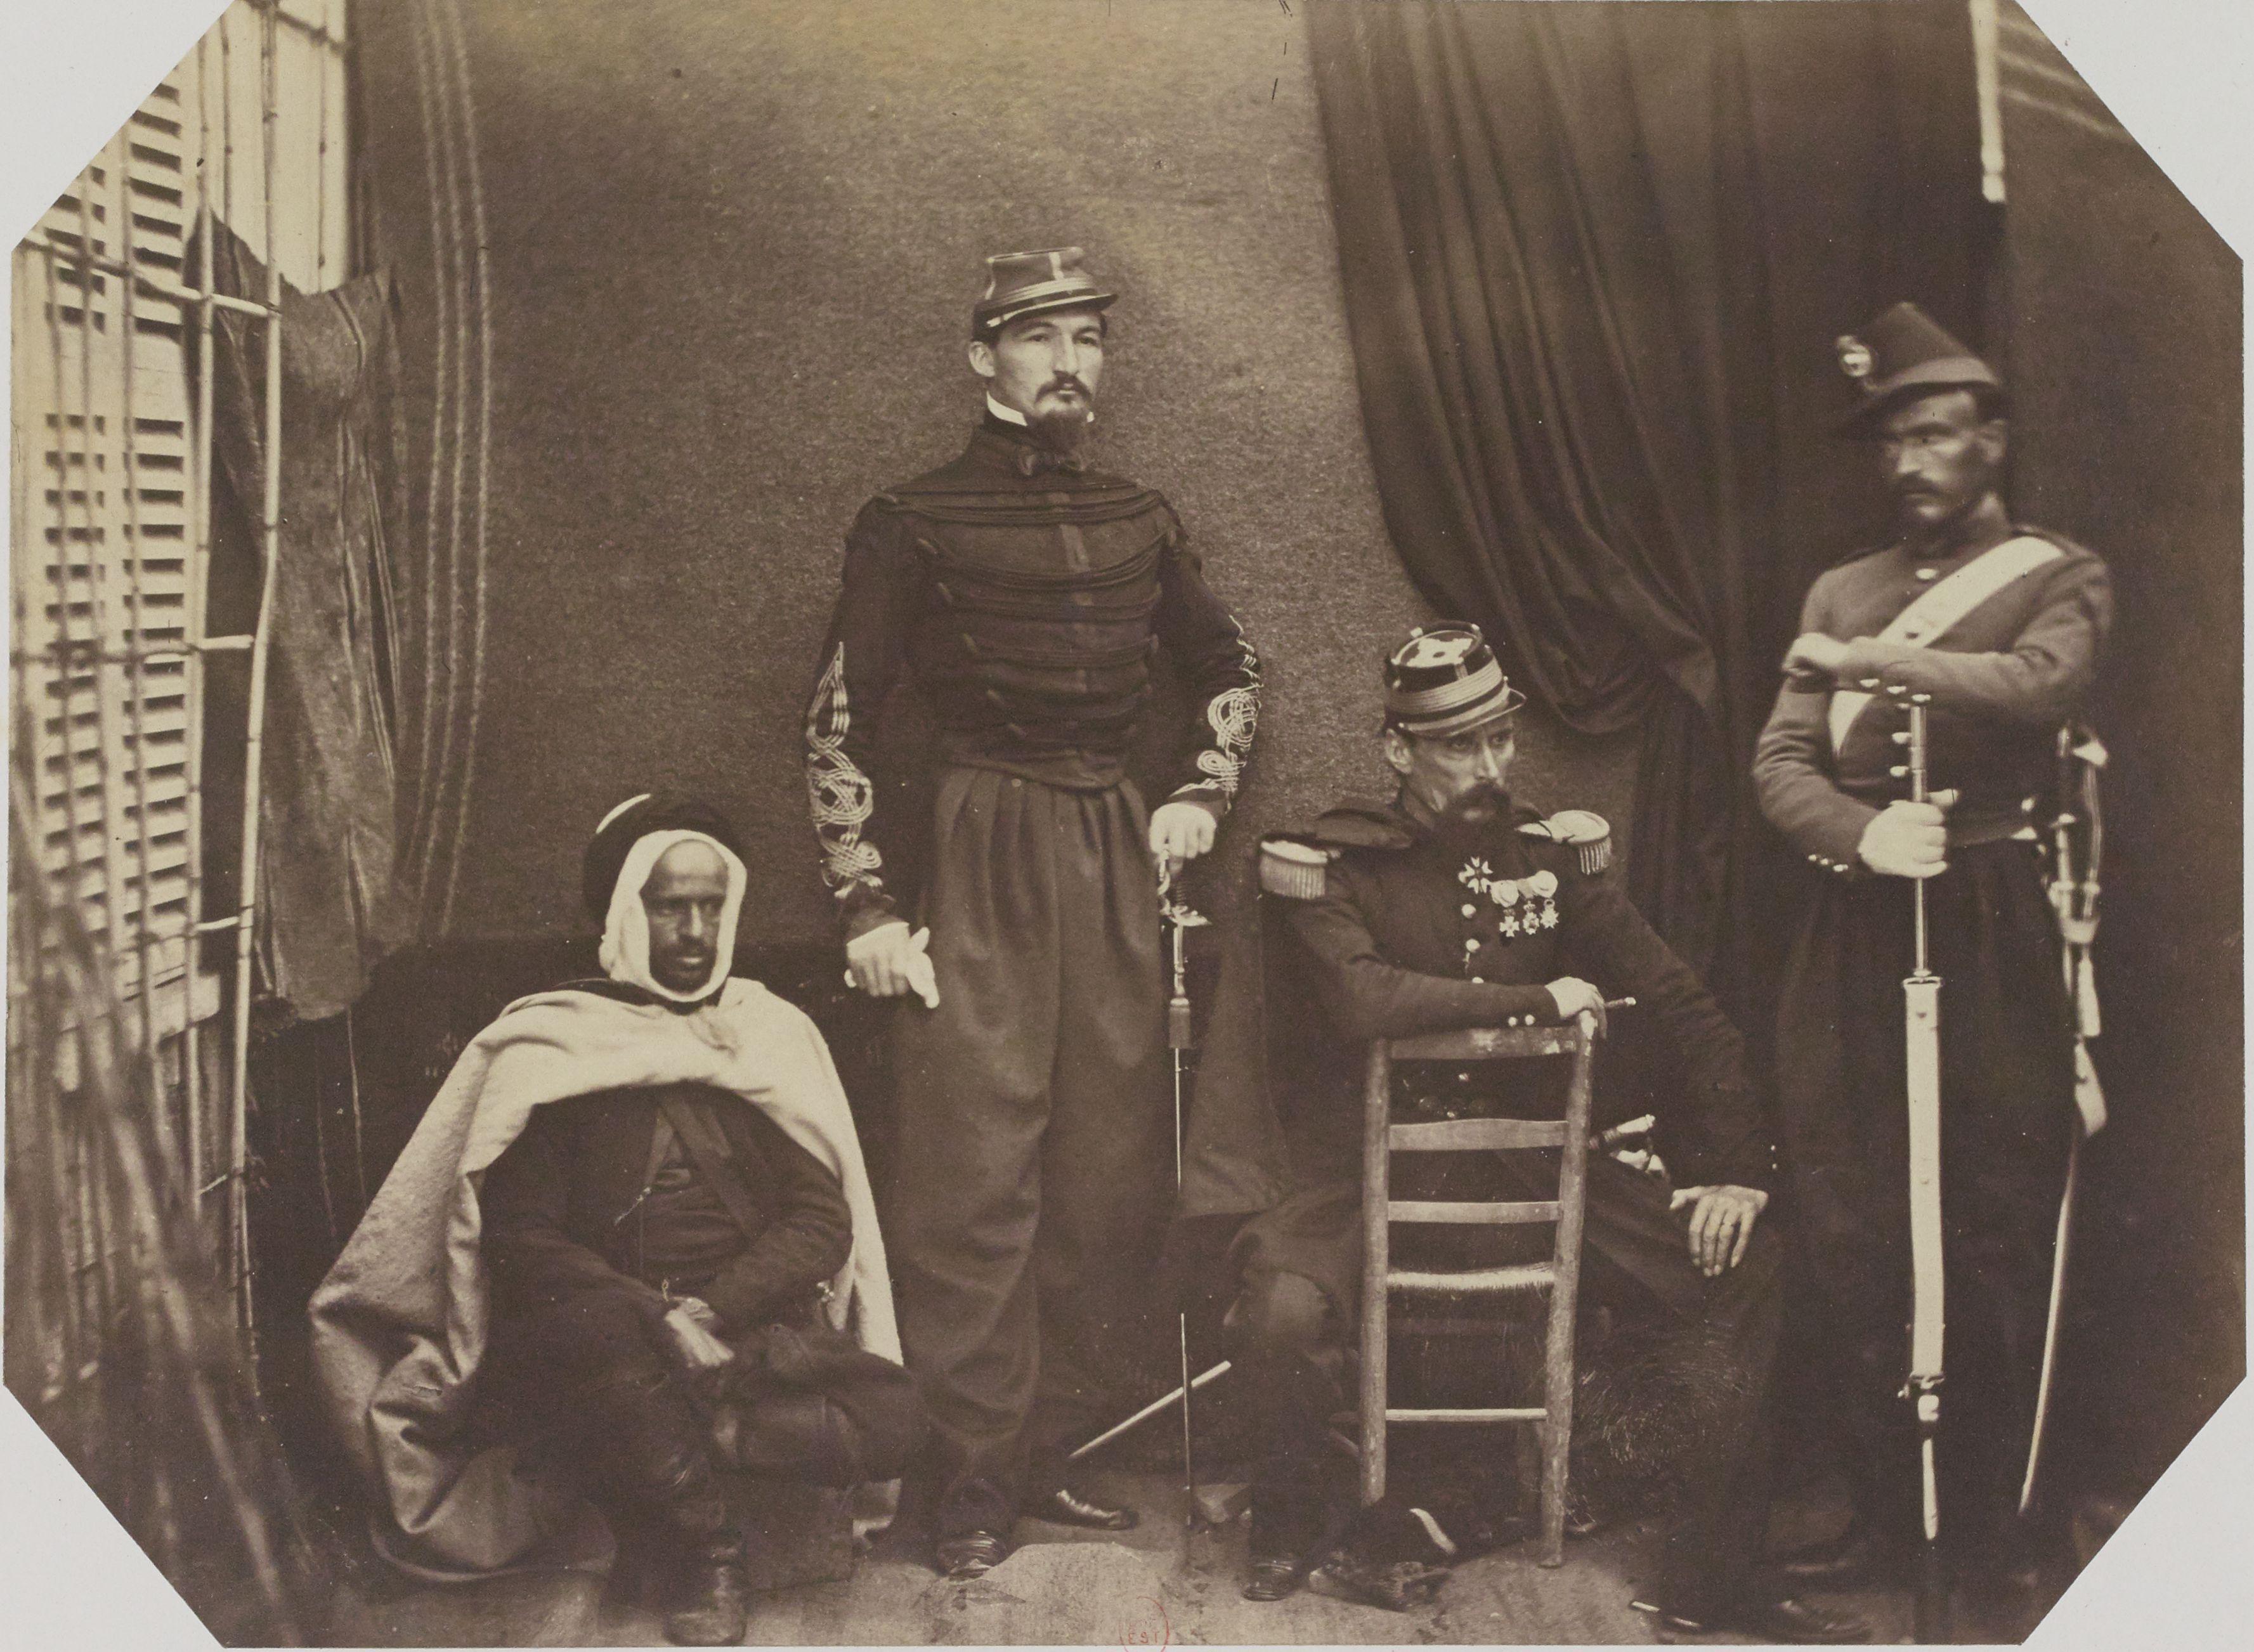 Бригадный генерал Бофор д'Аутпул  командующий подразделением в Тлемсене. Начальник штаба Сегуе